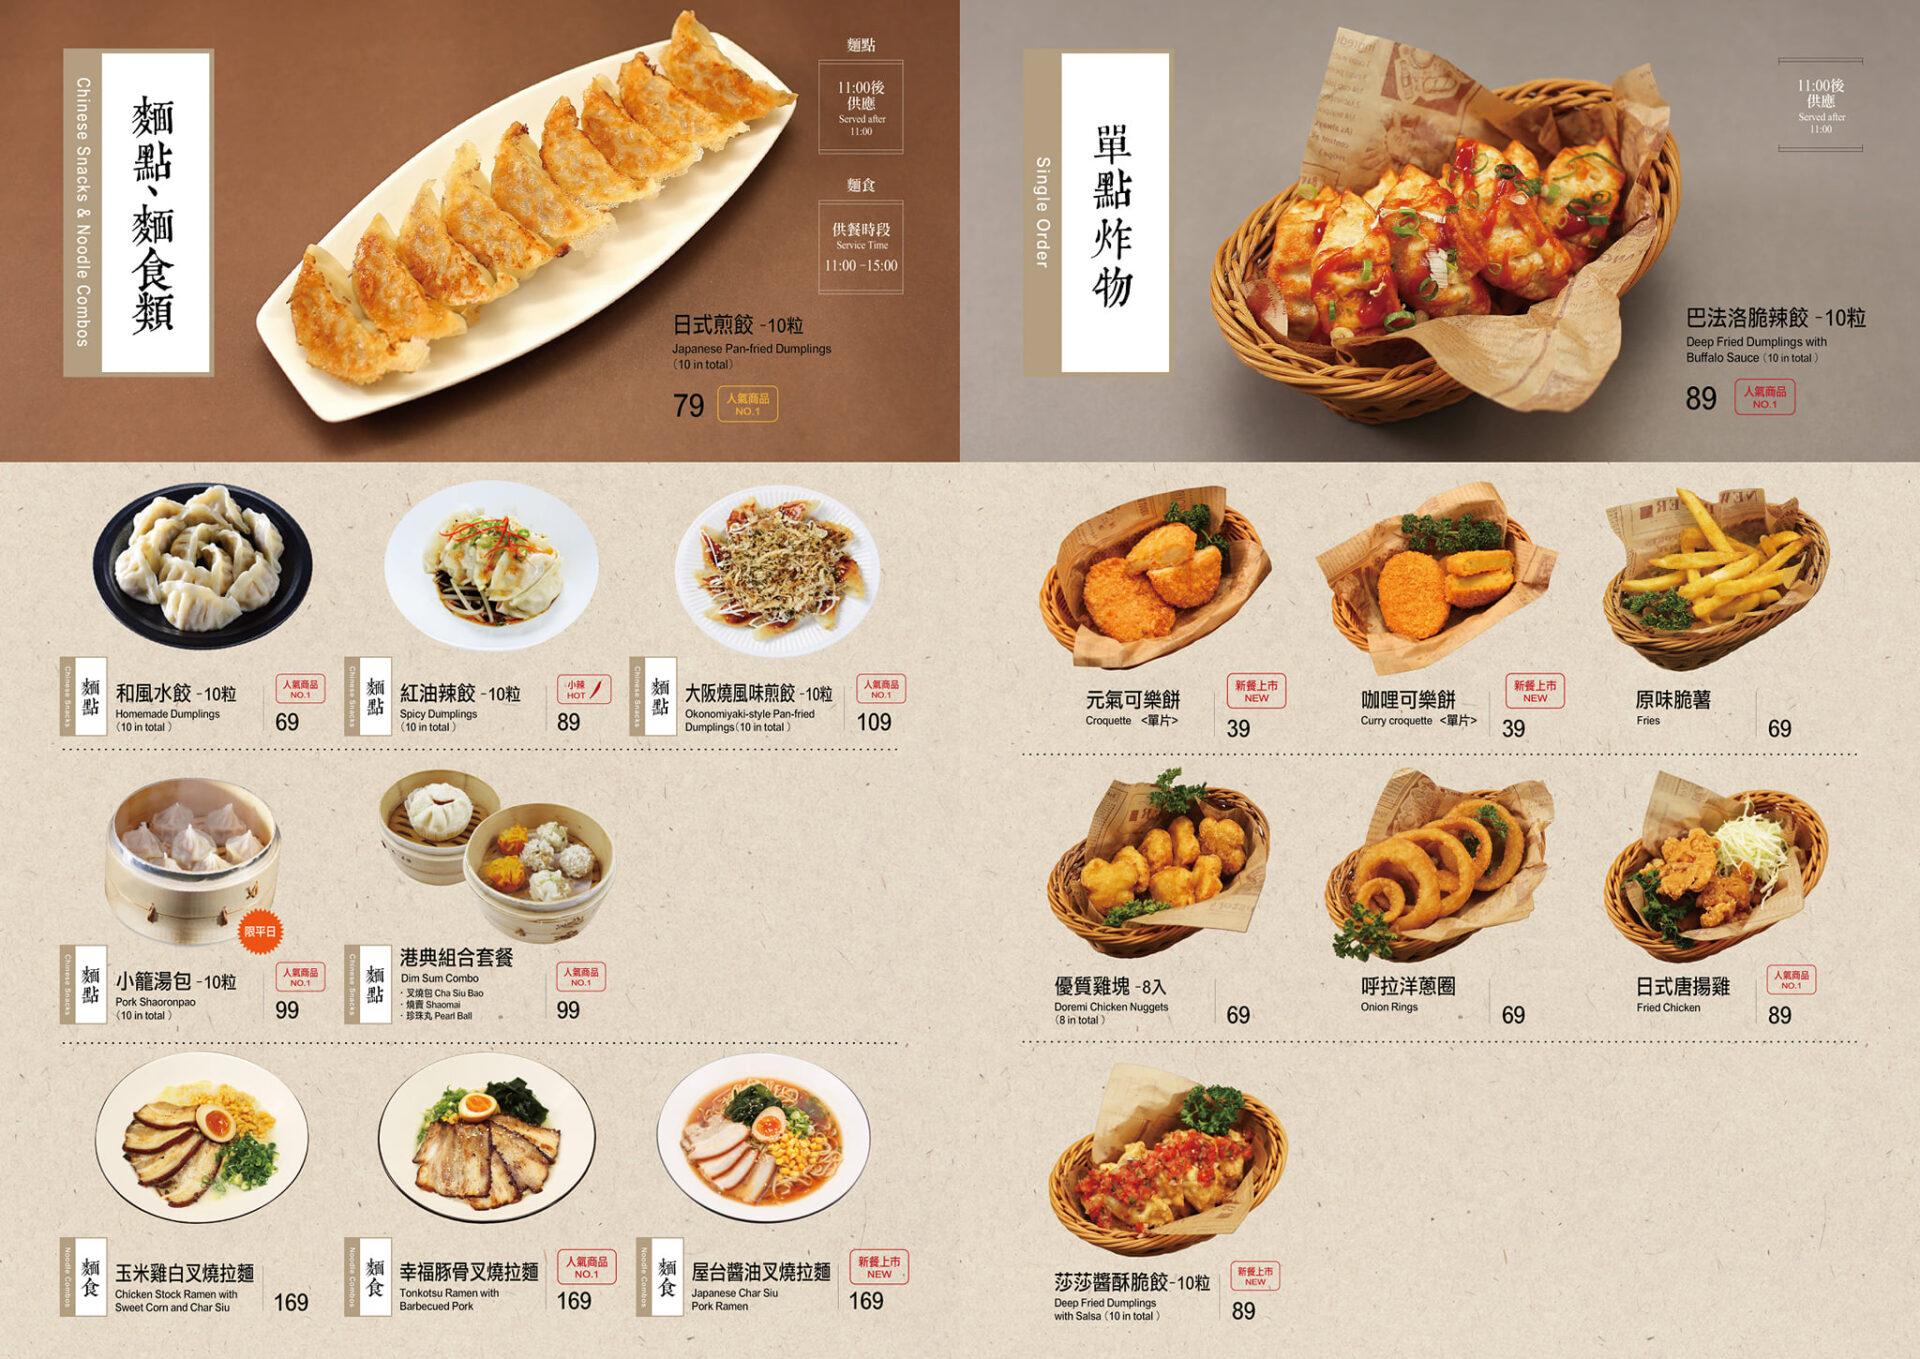 奇美食品幸福工廠菜單2